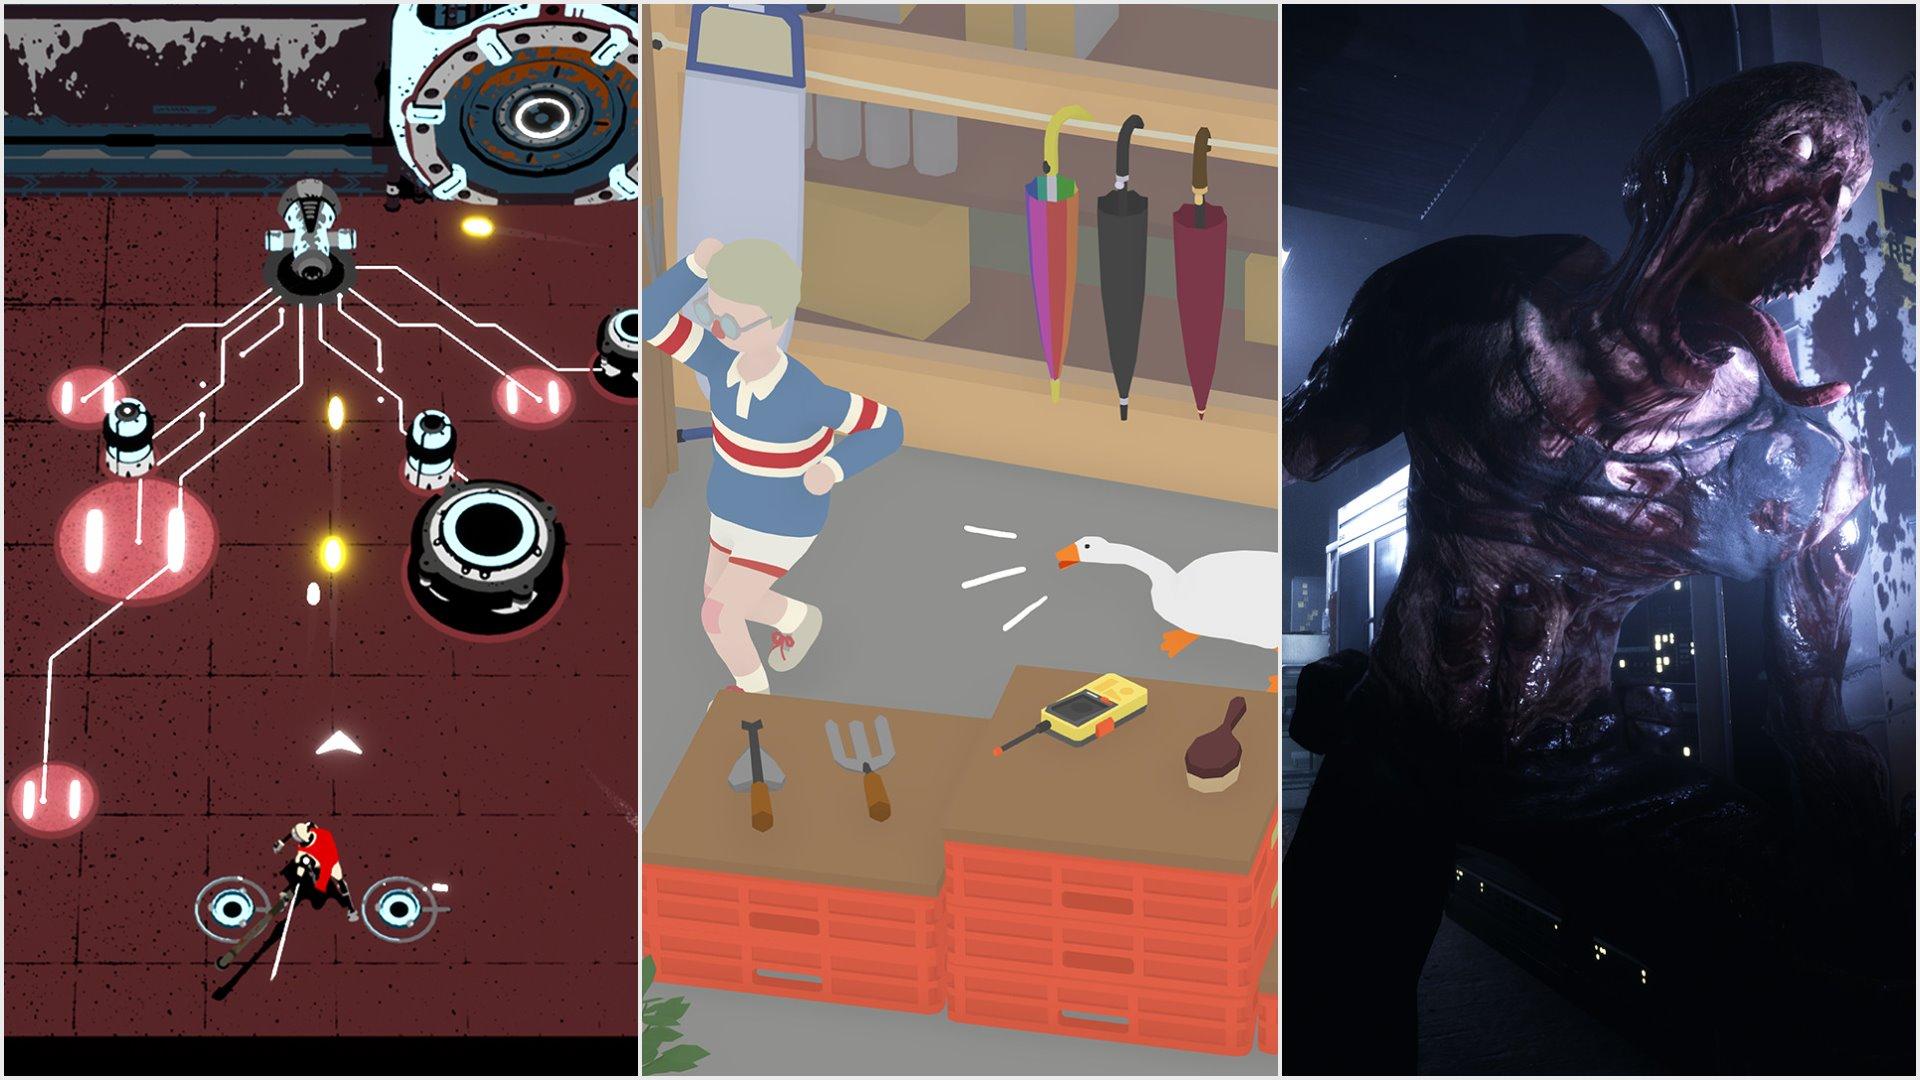 Top 5 Best Upcoming Indie Games of September 2019